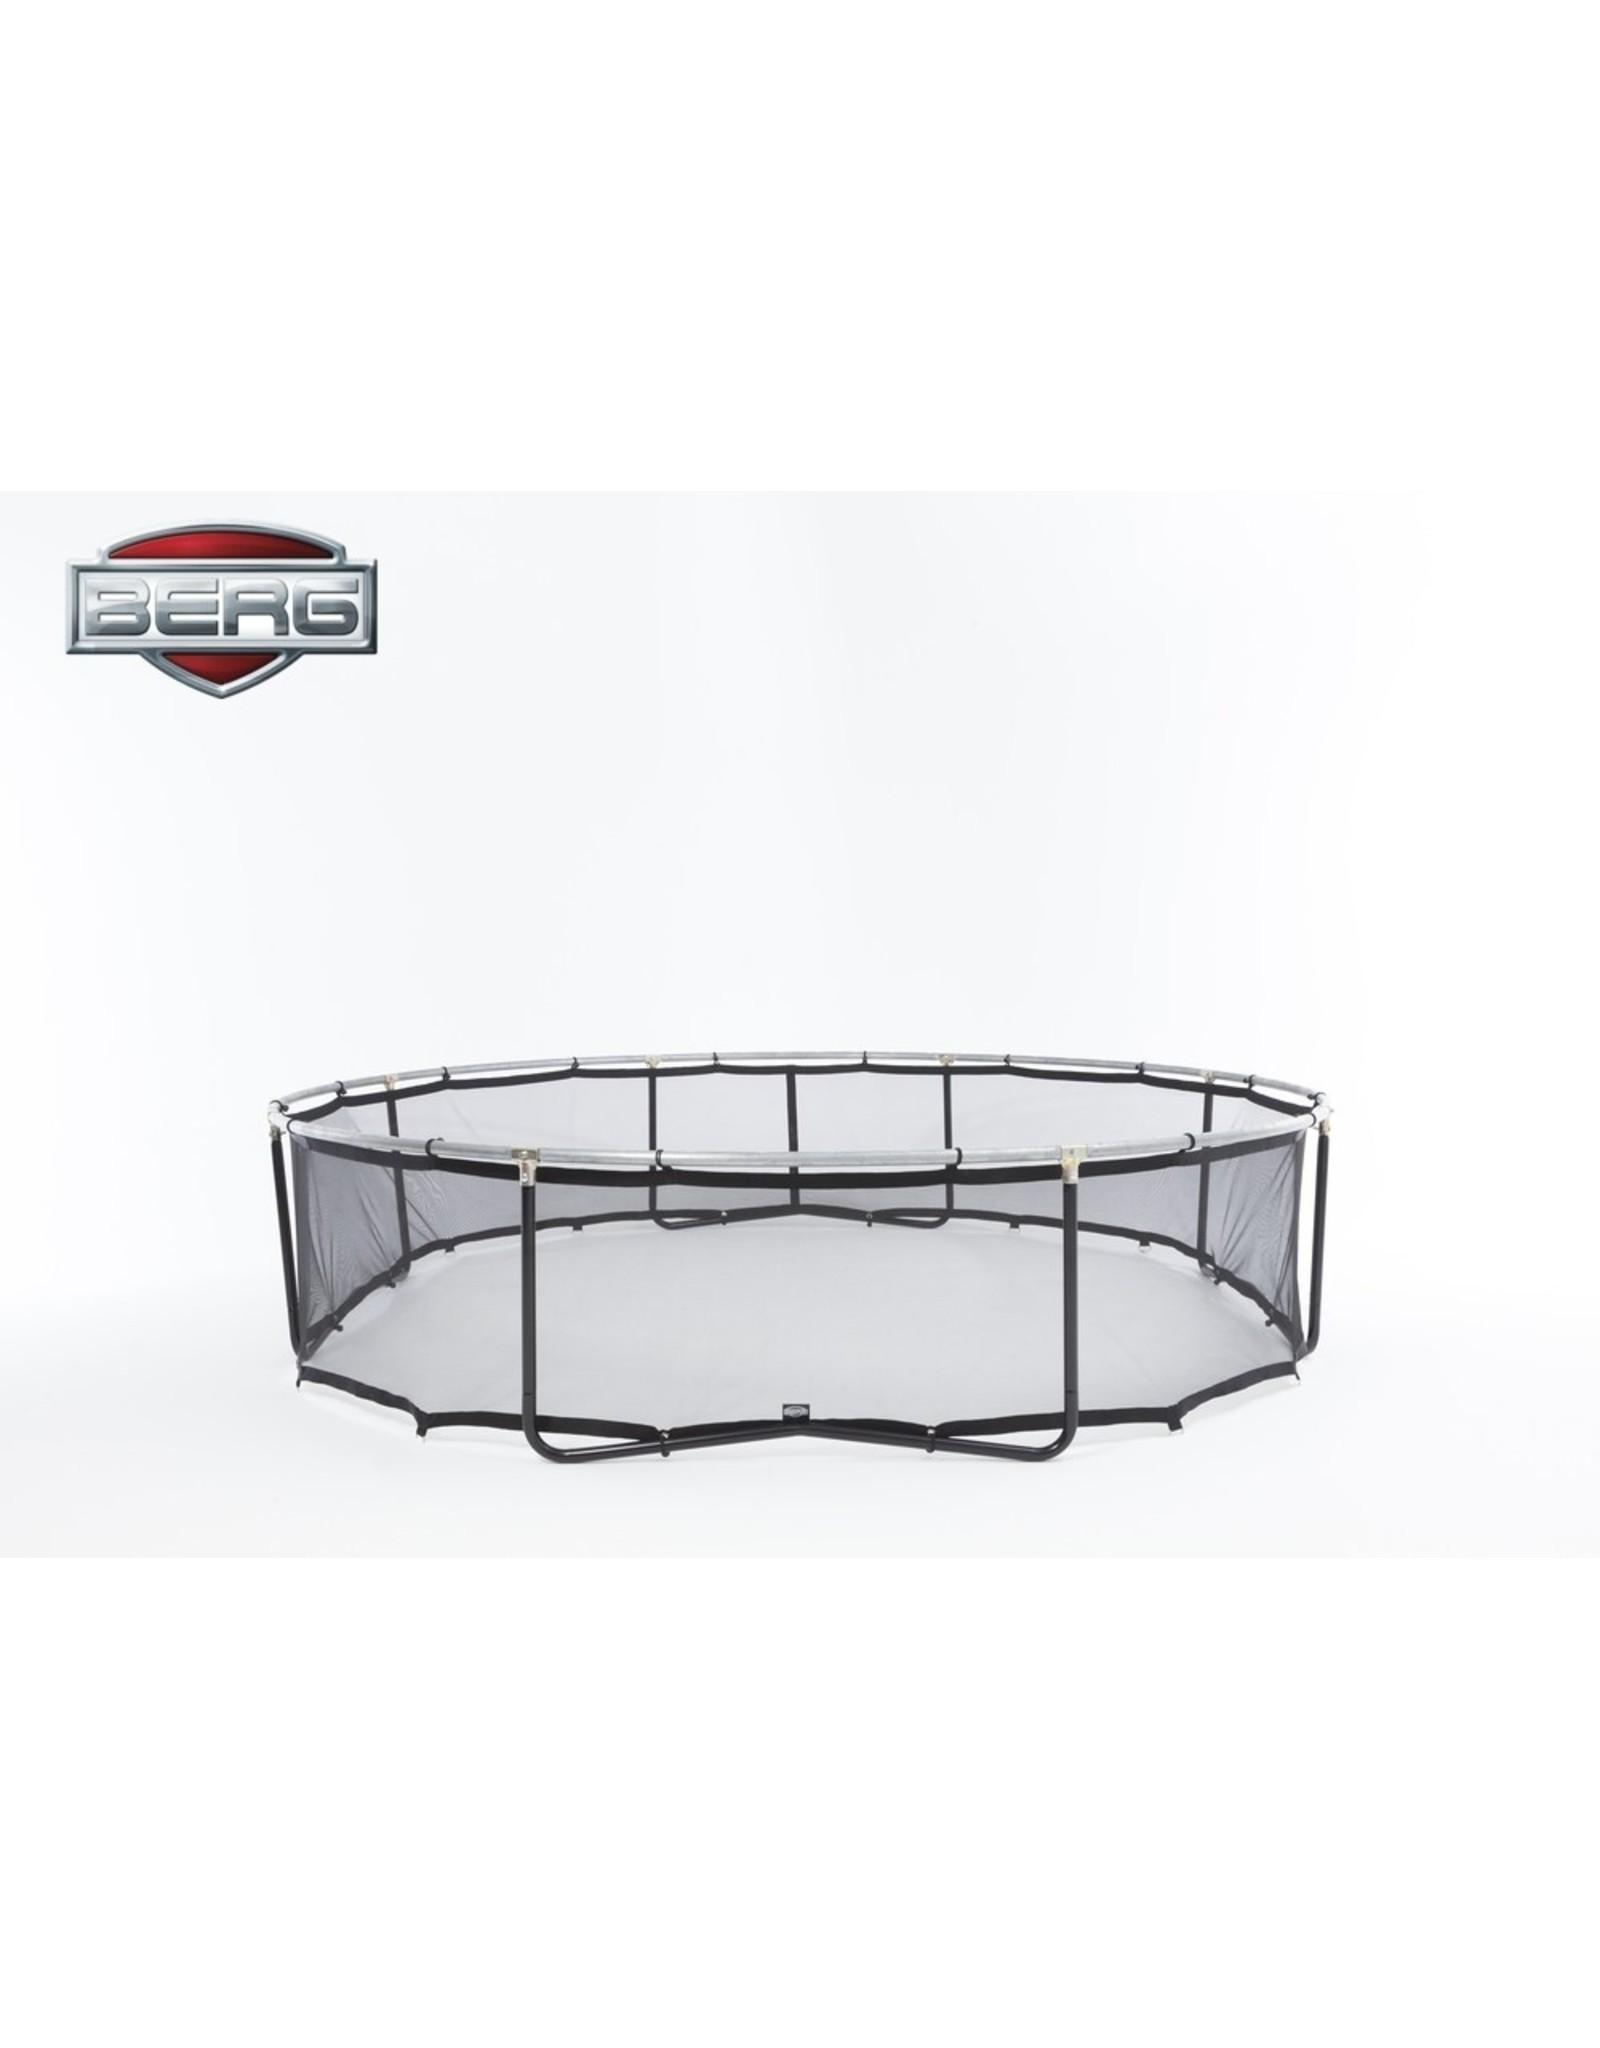 BERG BERG Frame Net Extra 380